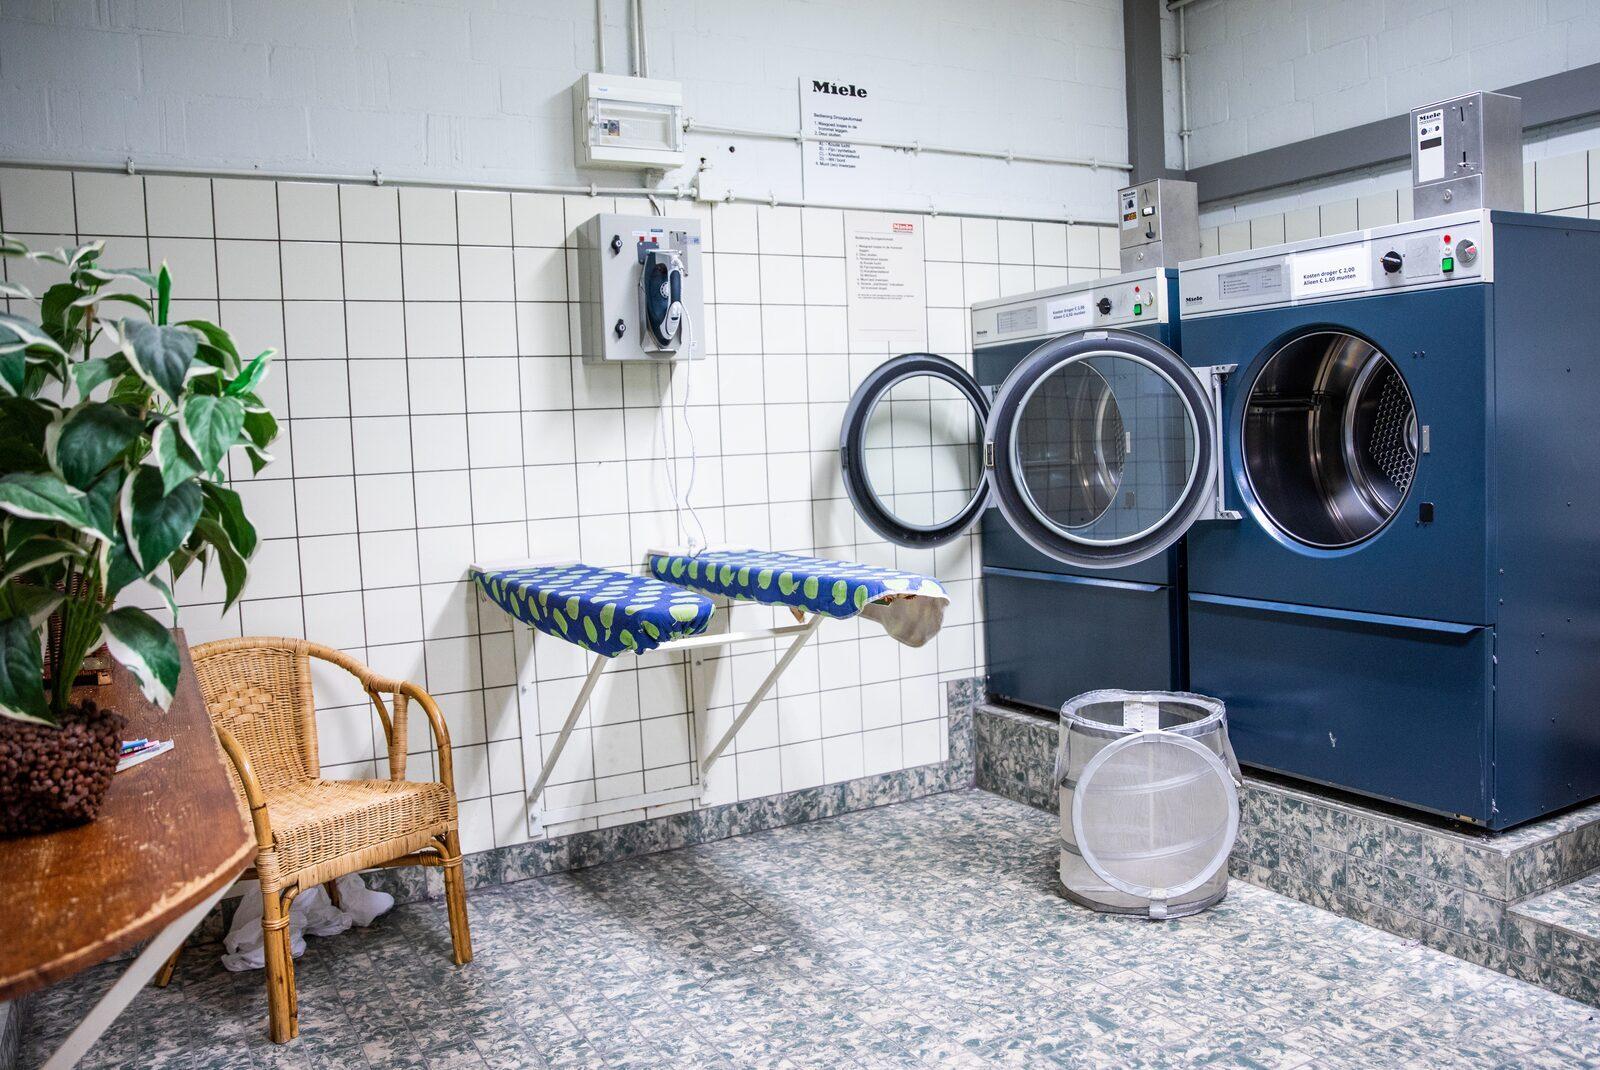 Wascheinrichtungen